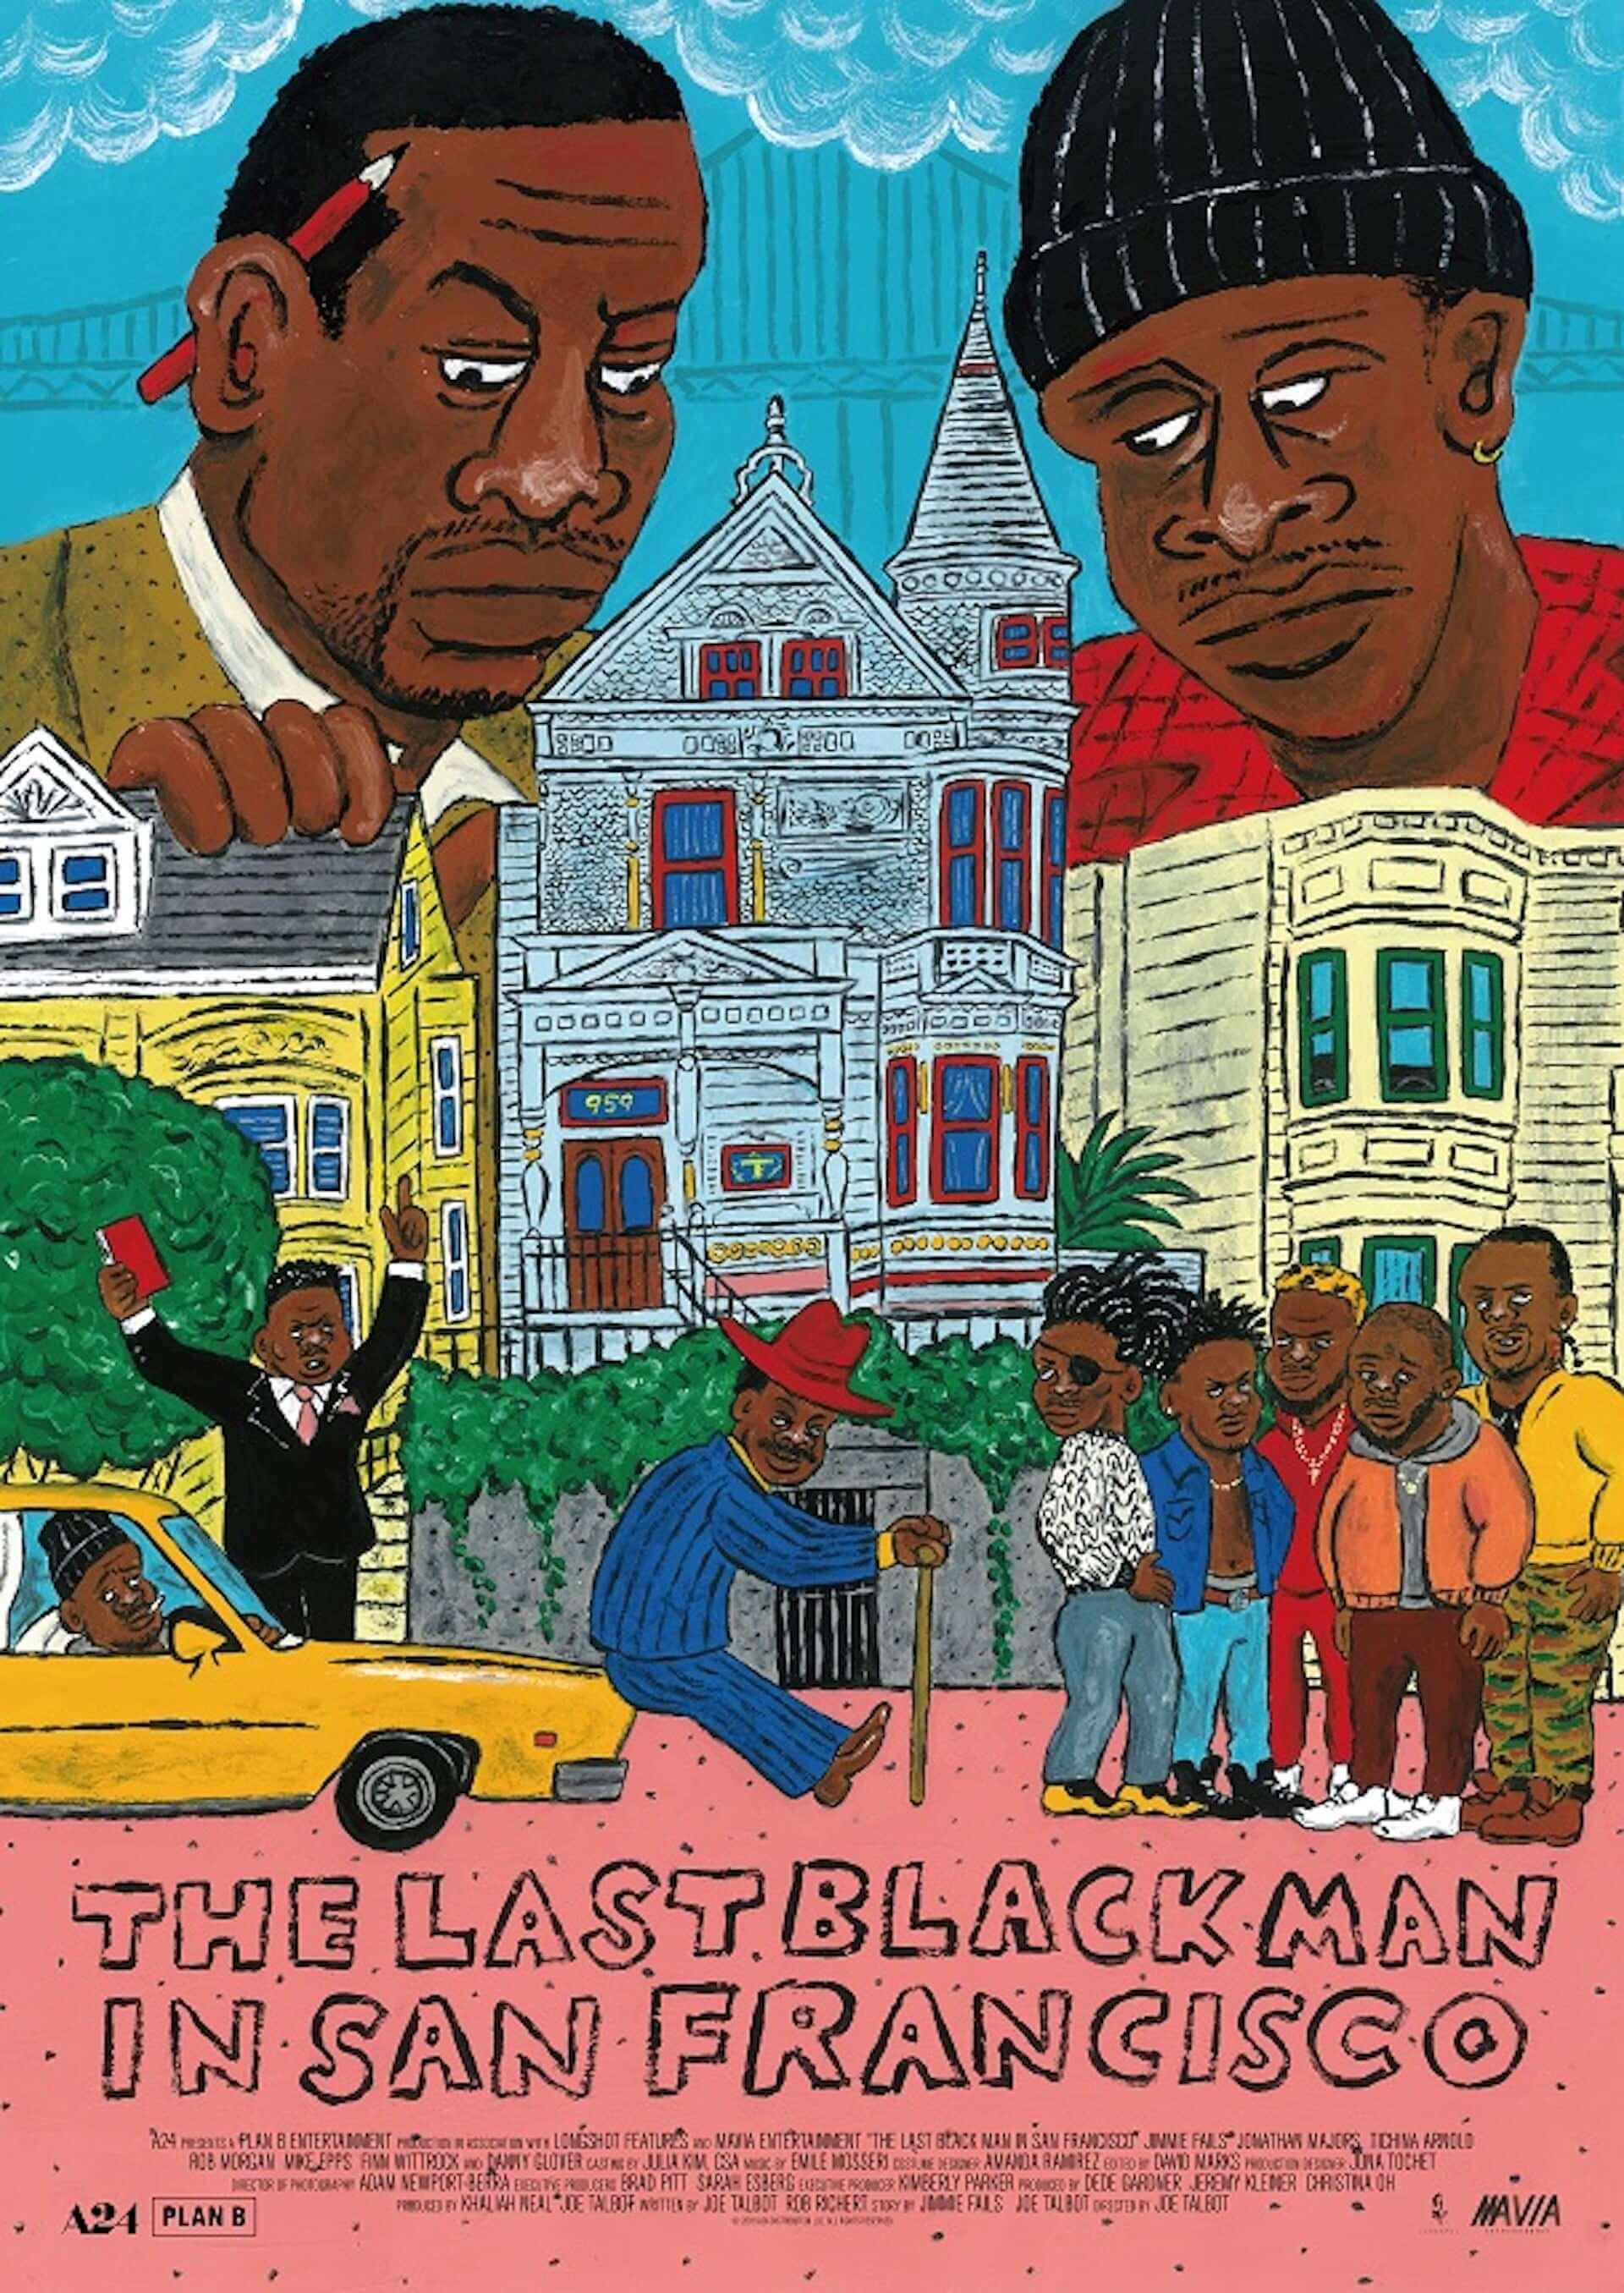 長場雄らが描き下ろし!A24×プランB最新作『ラストブラックマン・イン・サンフランシスコ』のアートポスターが解禁&プレゼント企画も開始 film200904_lastblackman_1-1920x2711